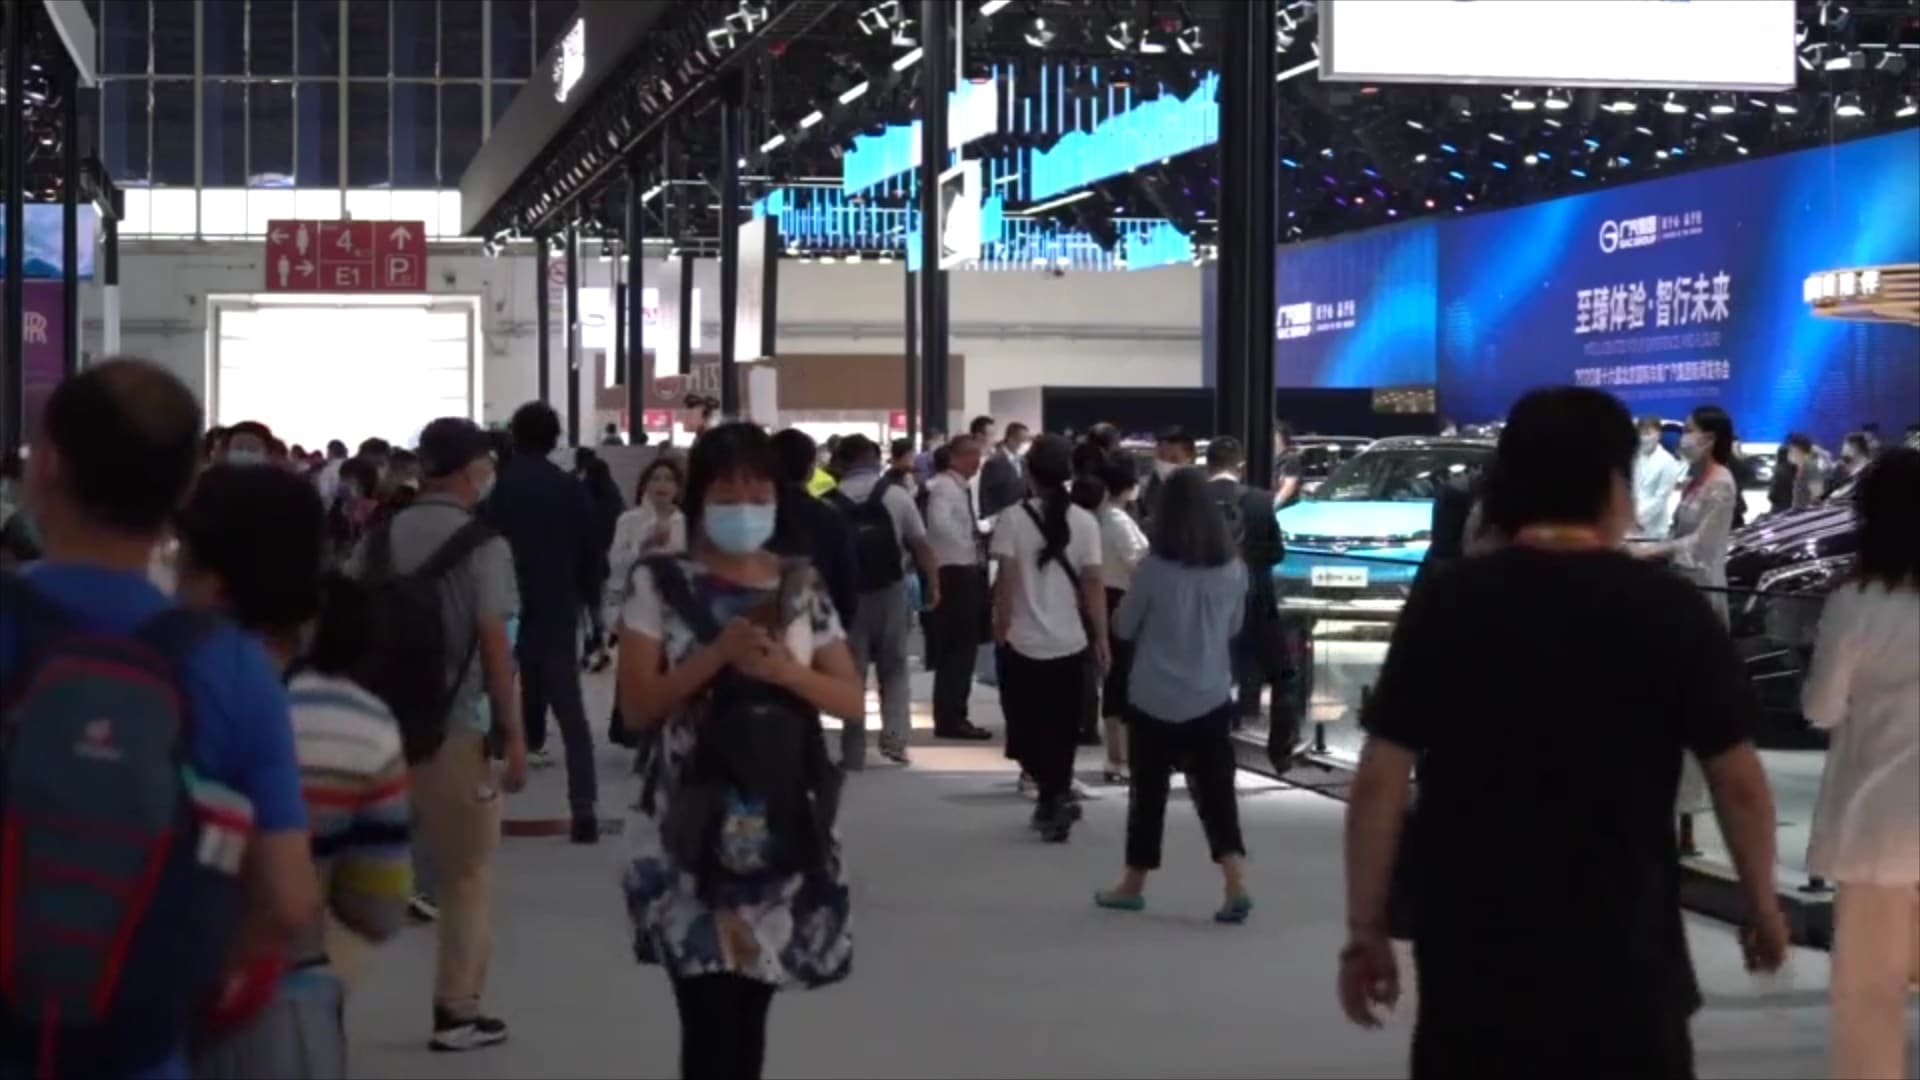 بعد إغلاق دام 5 أشهر.. افتتاح معرض بكين الدولي للسيارات